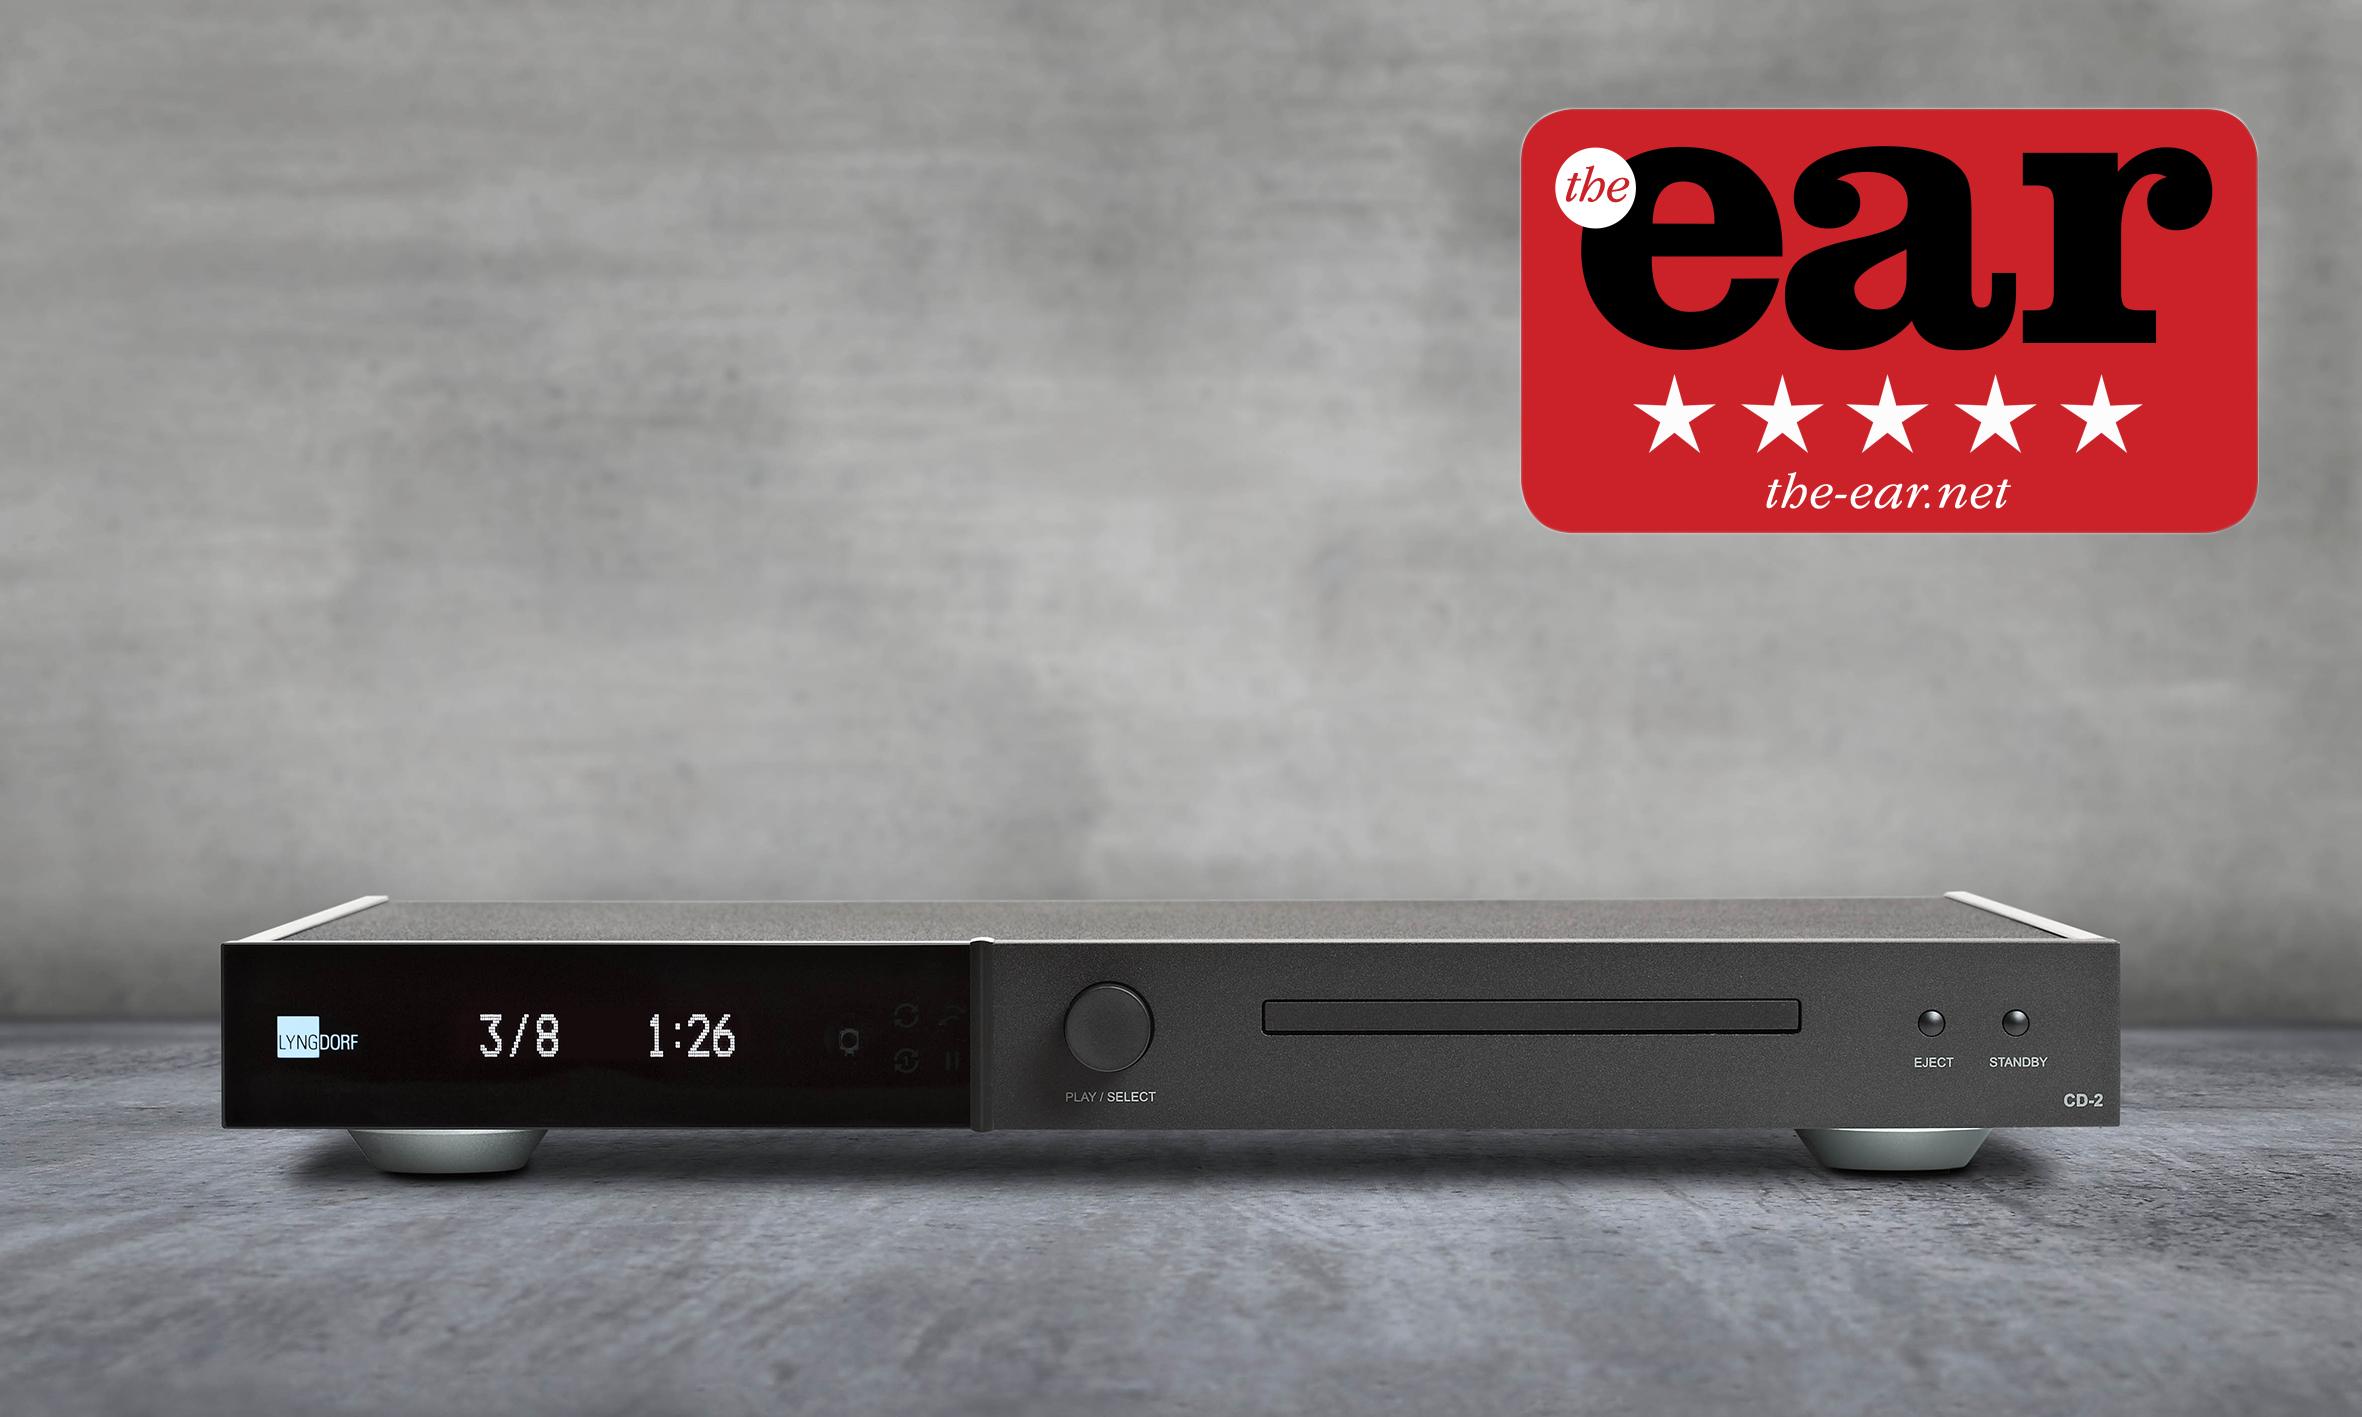 CD-2 评论